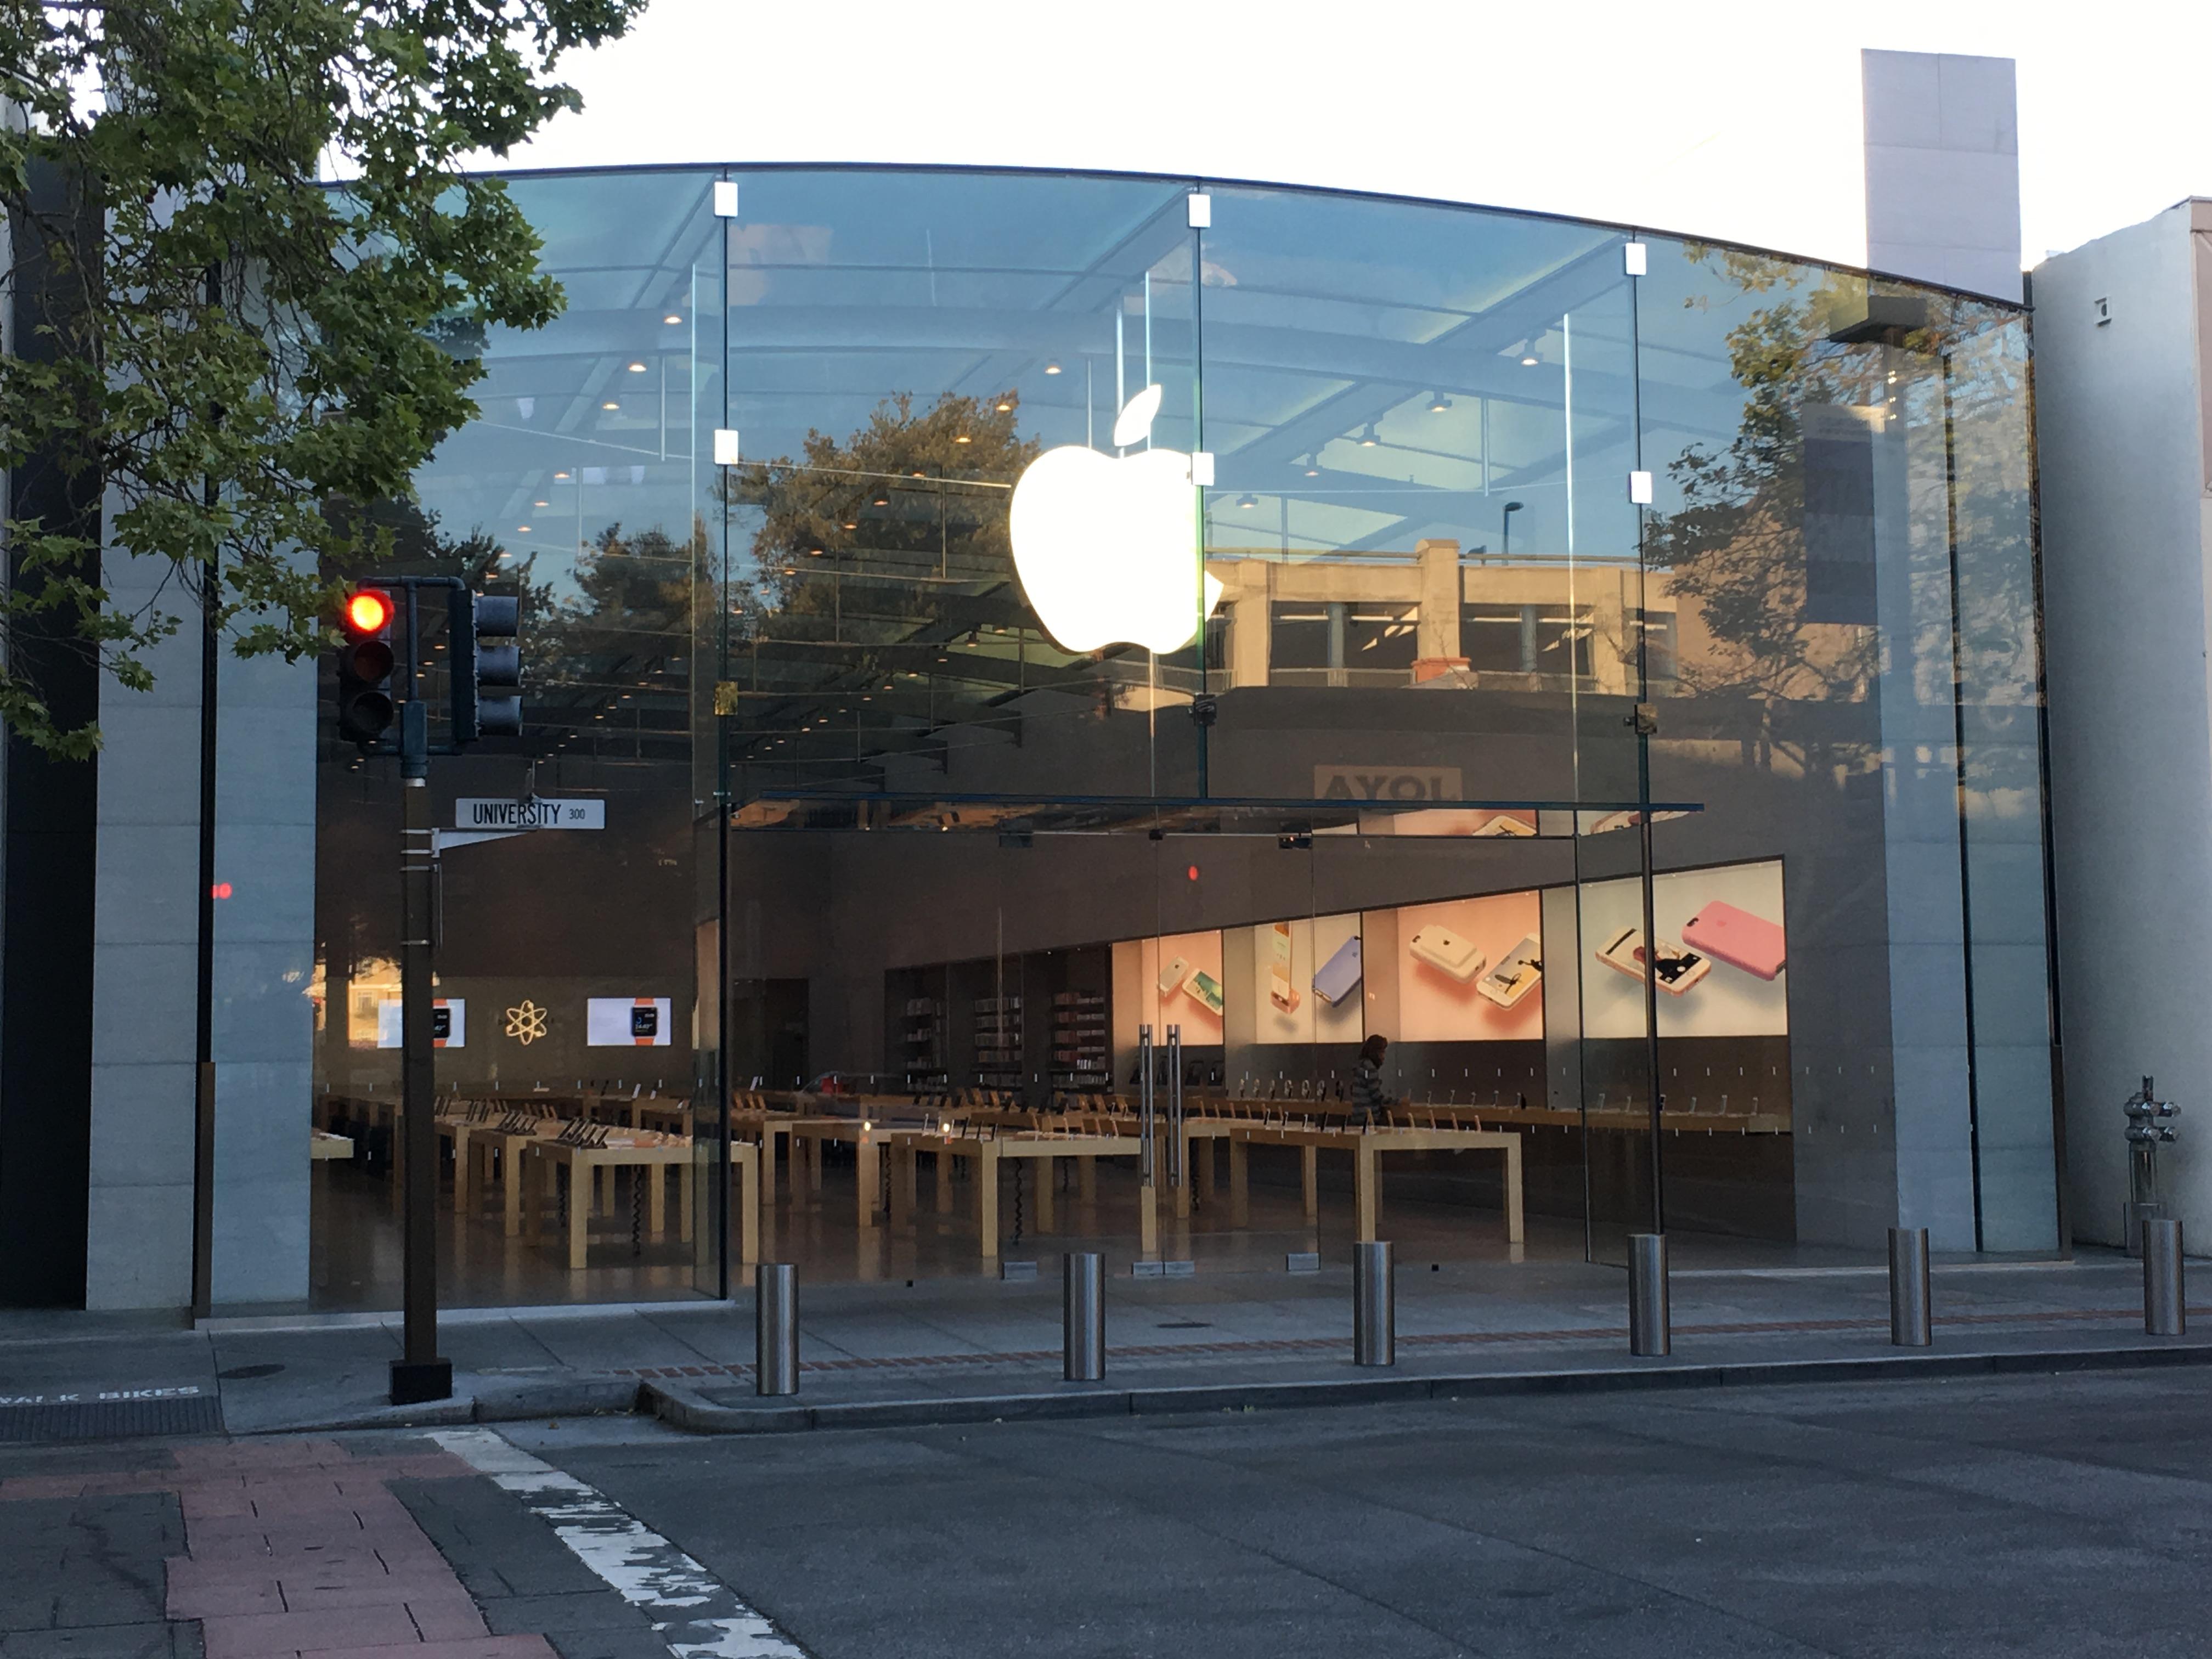 Apple presenterte bedre iPhone og iPad-tall i fjerde kontra tredje kvartal, men Mac-salget er ned grunnet mangel på nye modeller. Nye MacBook Pro avsløres på torsdag.